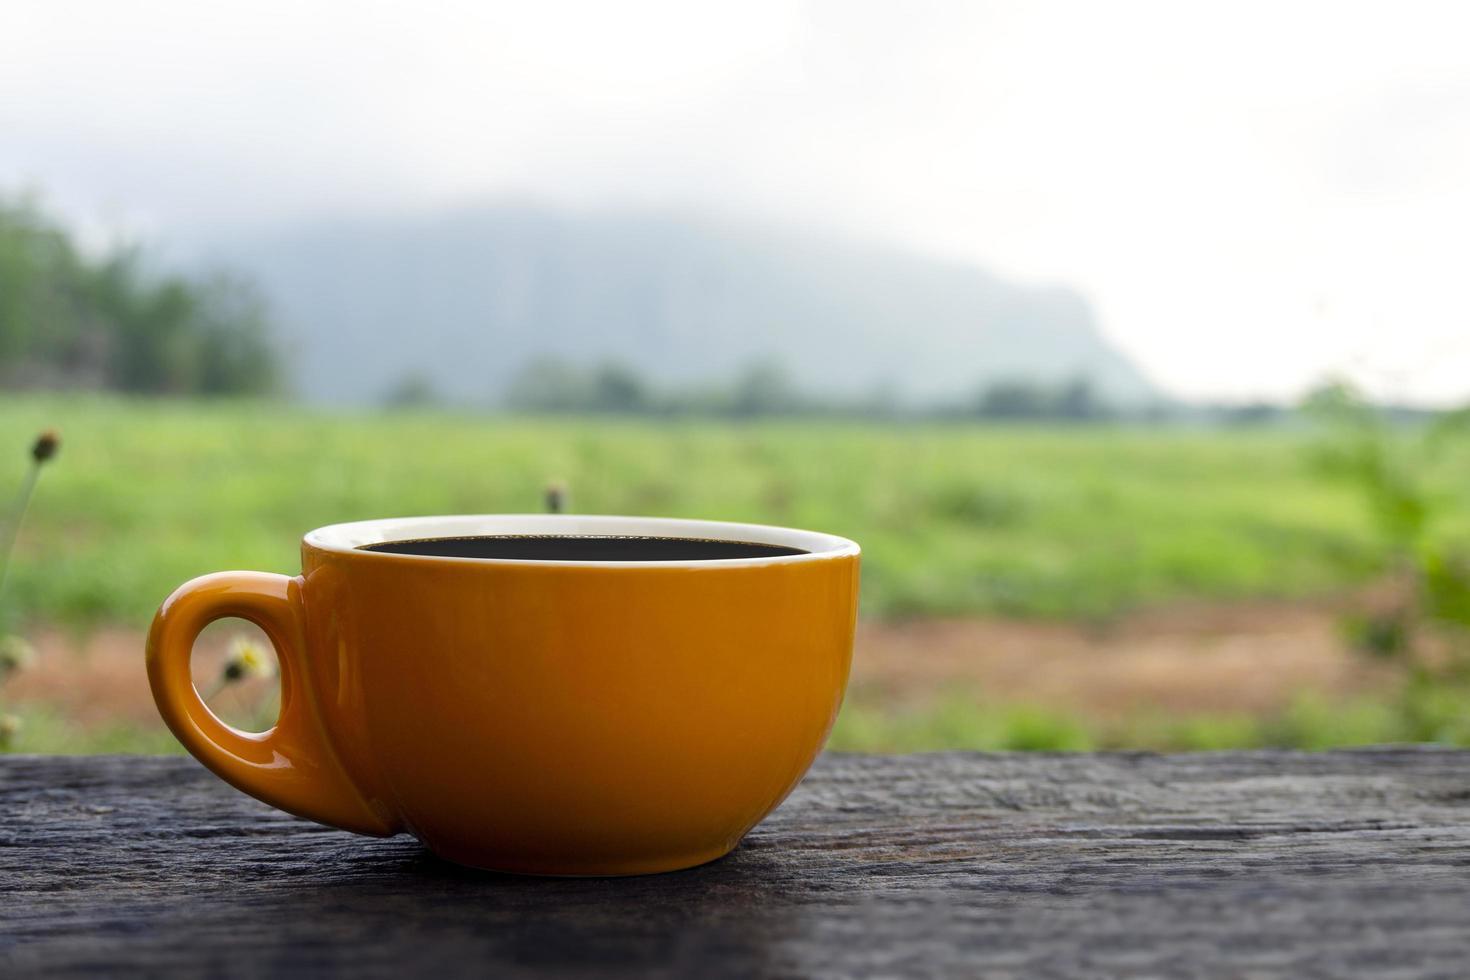 tazza di caffè sul tavolo in scenografia all'aperto foto